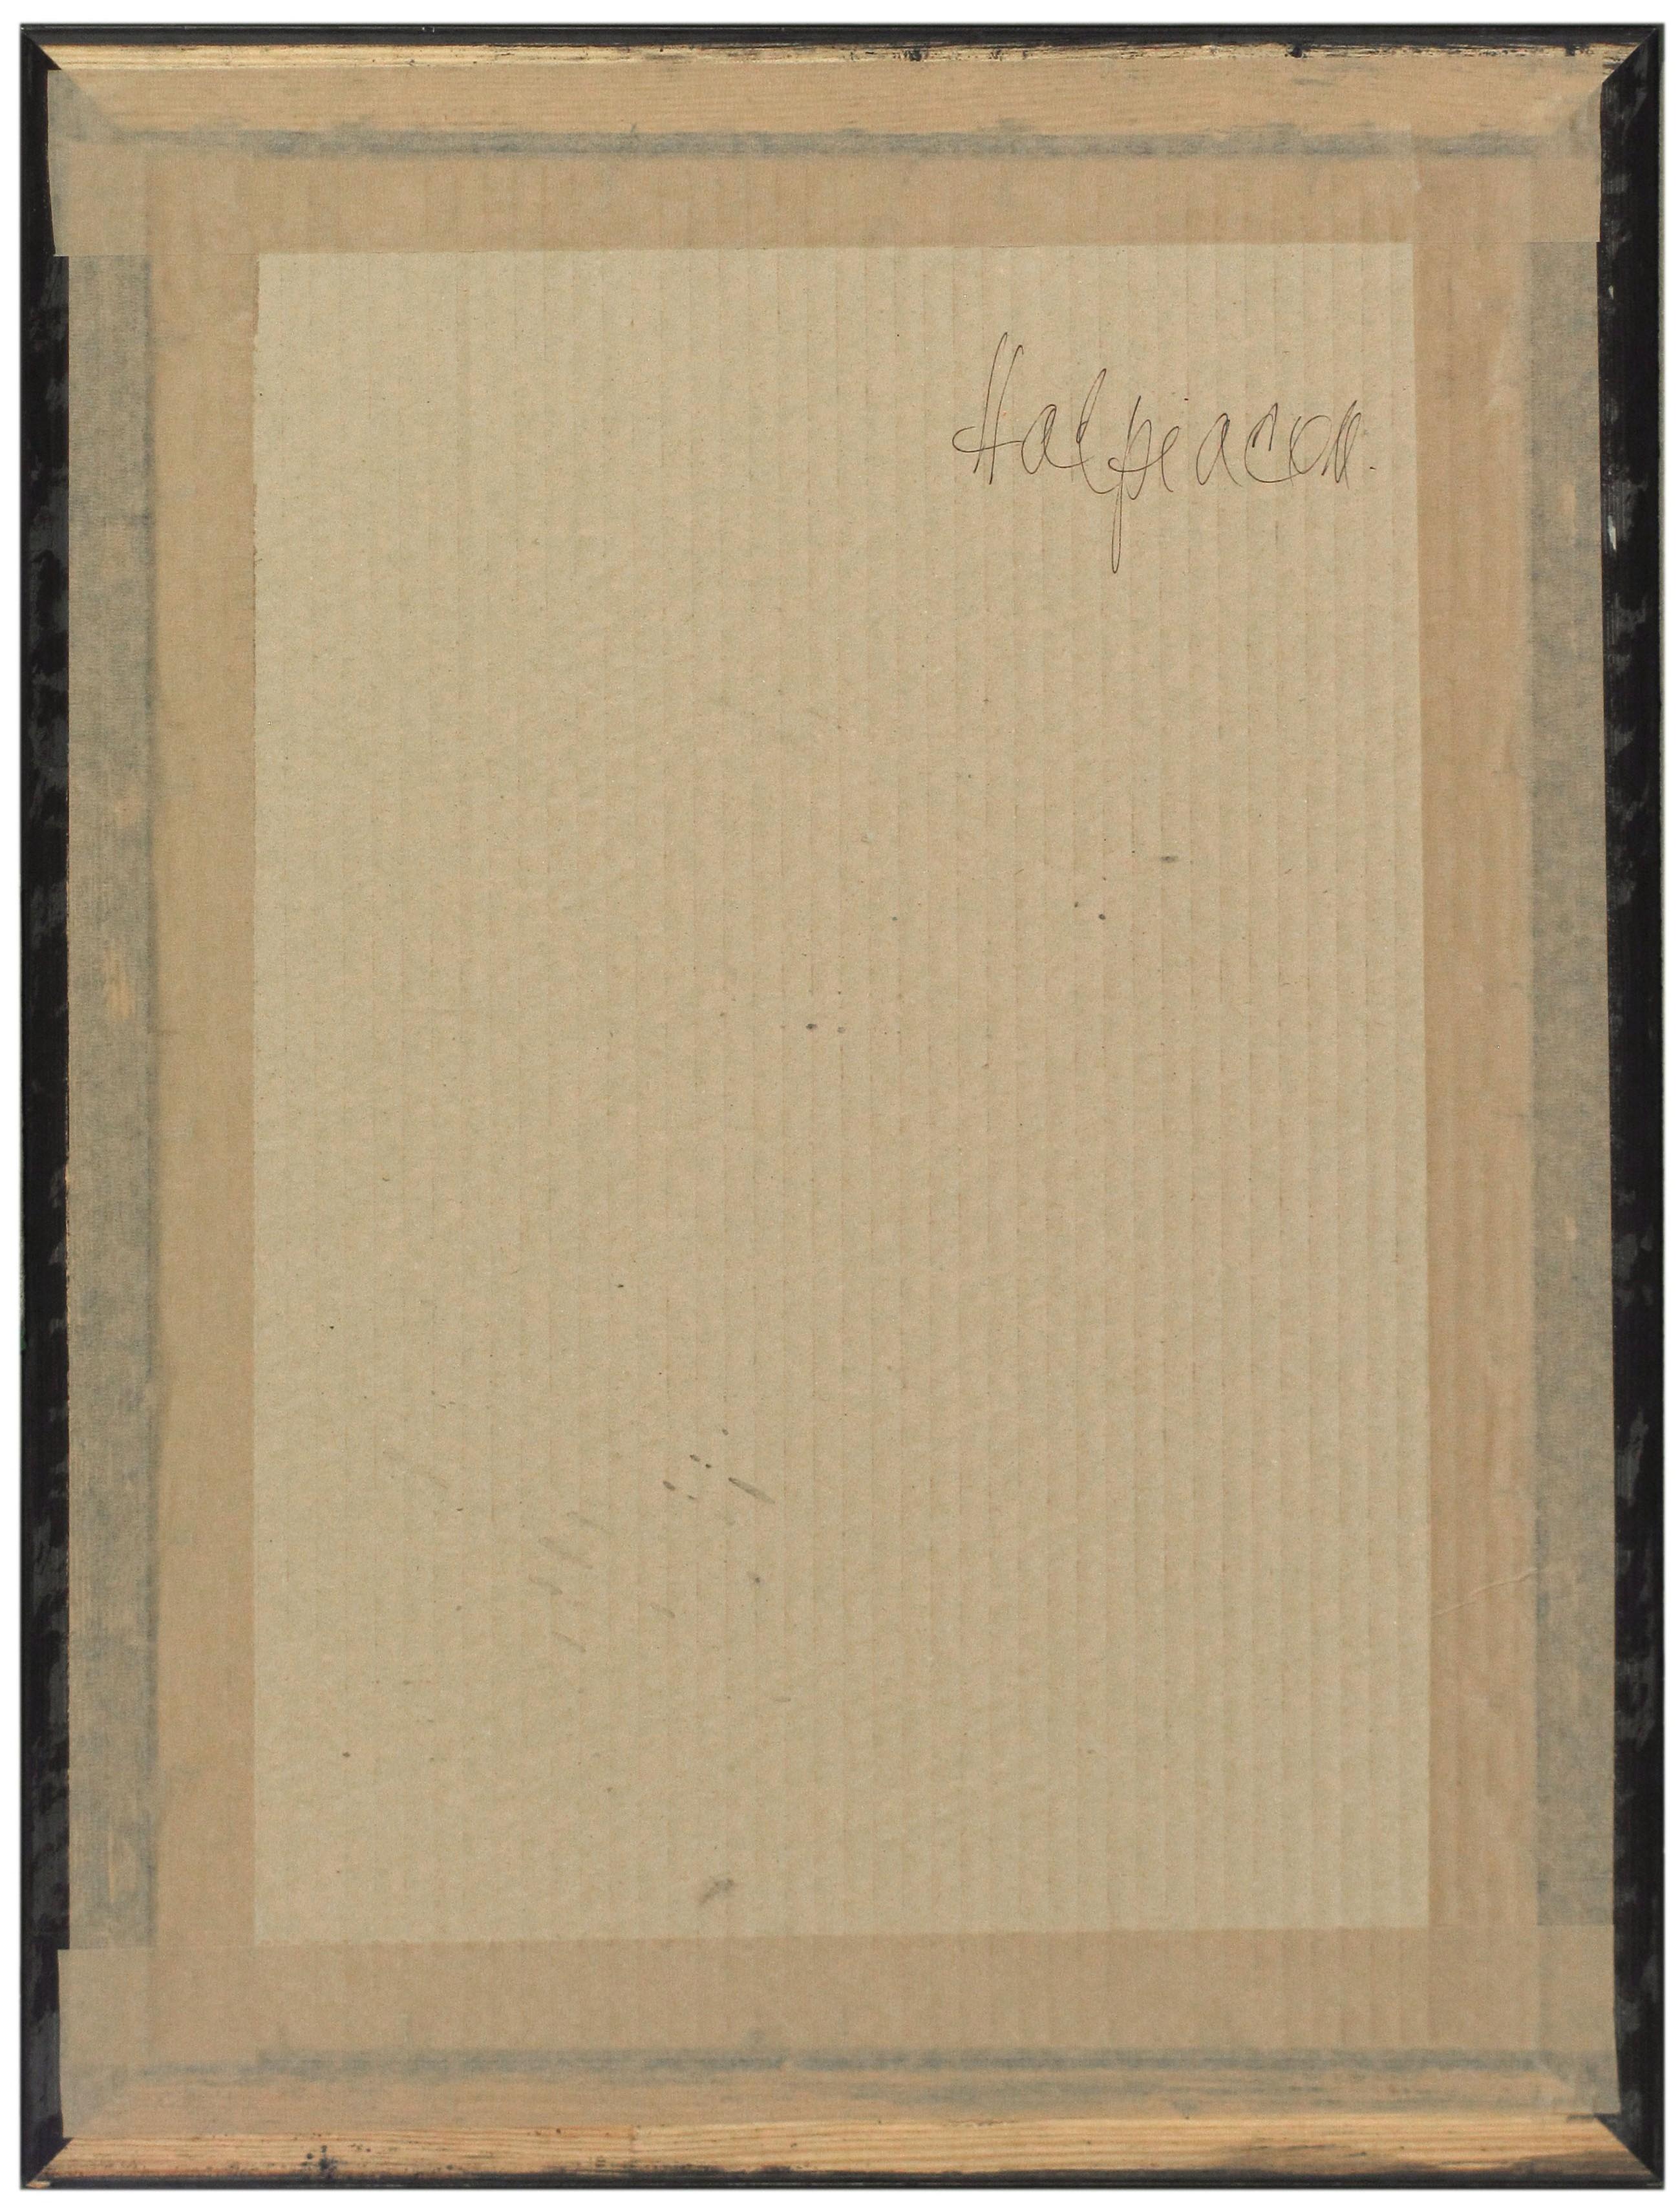 212 003.jpg (2599×3410)